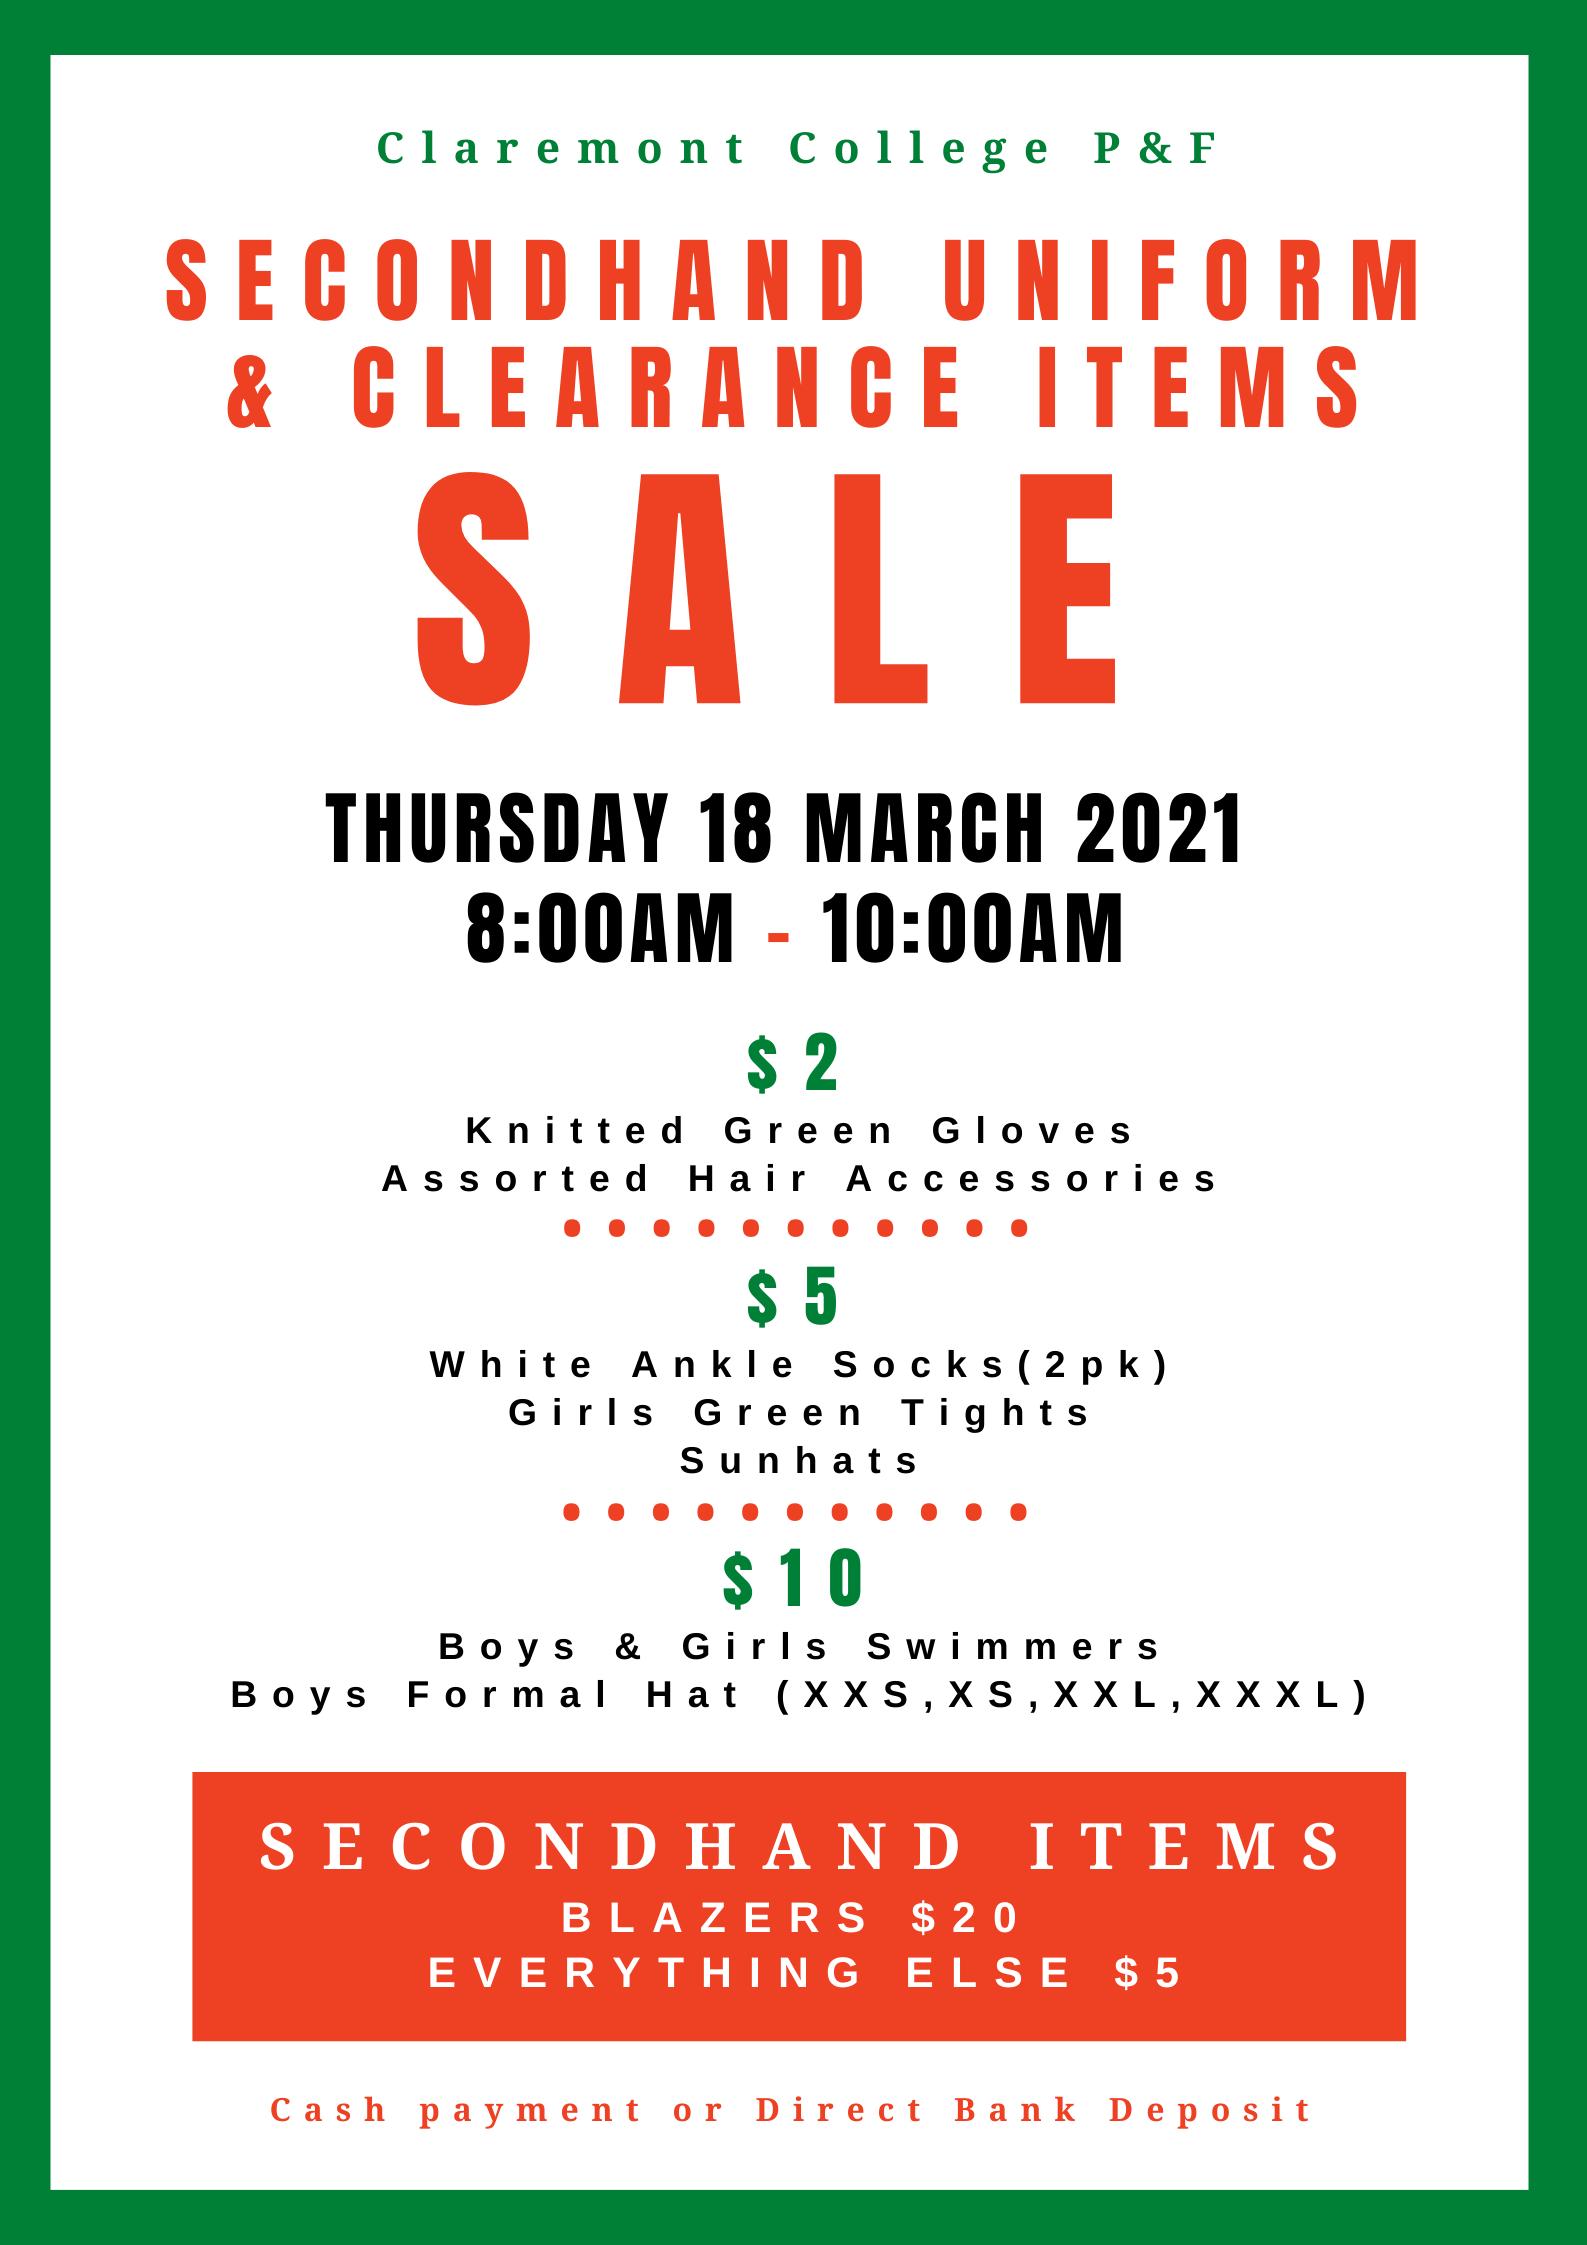 2021-Uniform-Sale-1.png?mtime=20210312120121#asset:23387